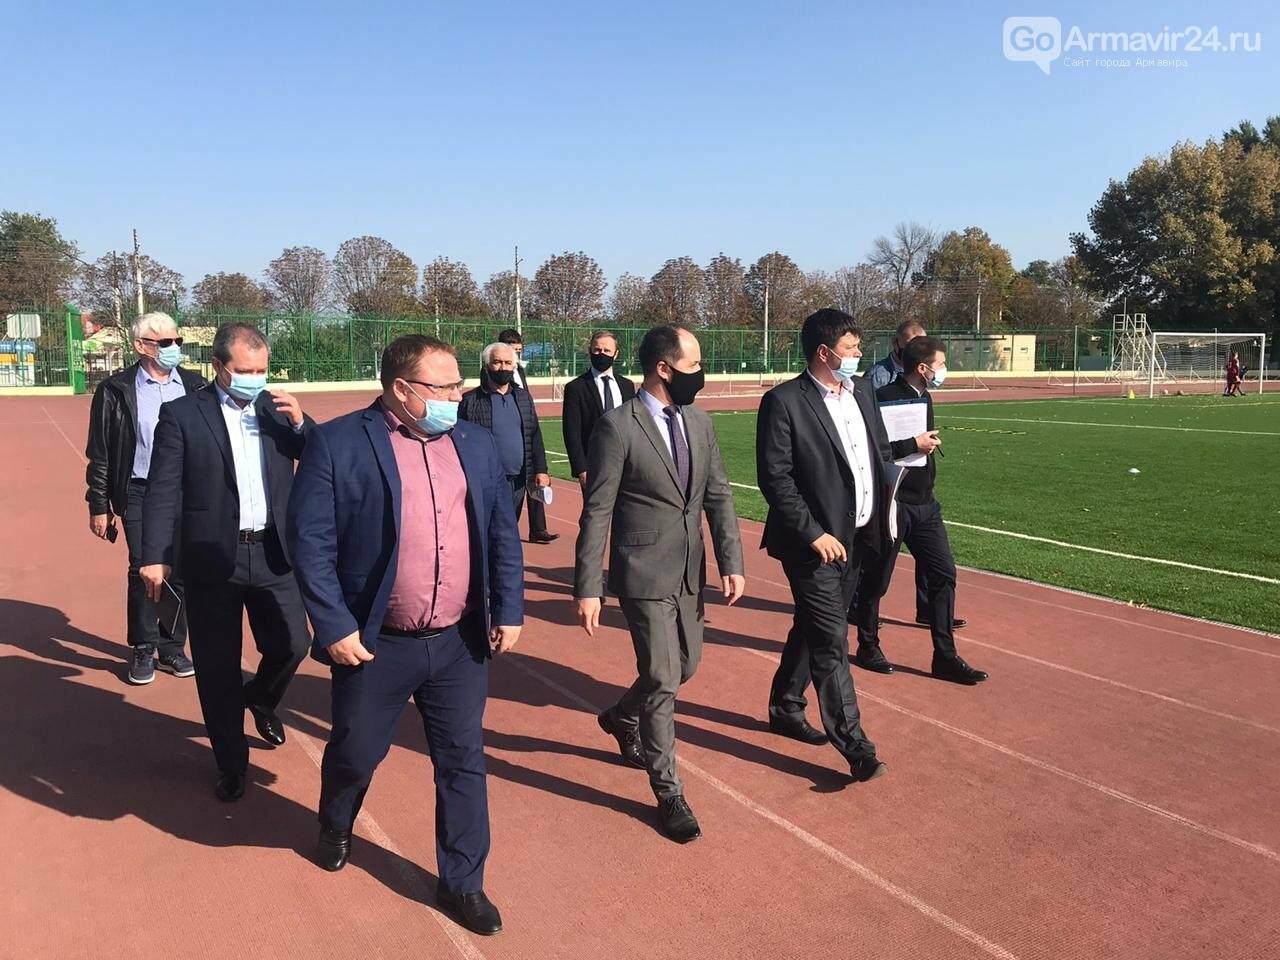 Армавир посетил с рабочим визитом министр физической культуры и спорта Края Алексей Чернов, фото-5